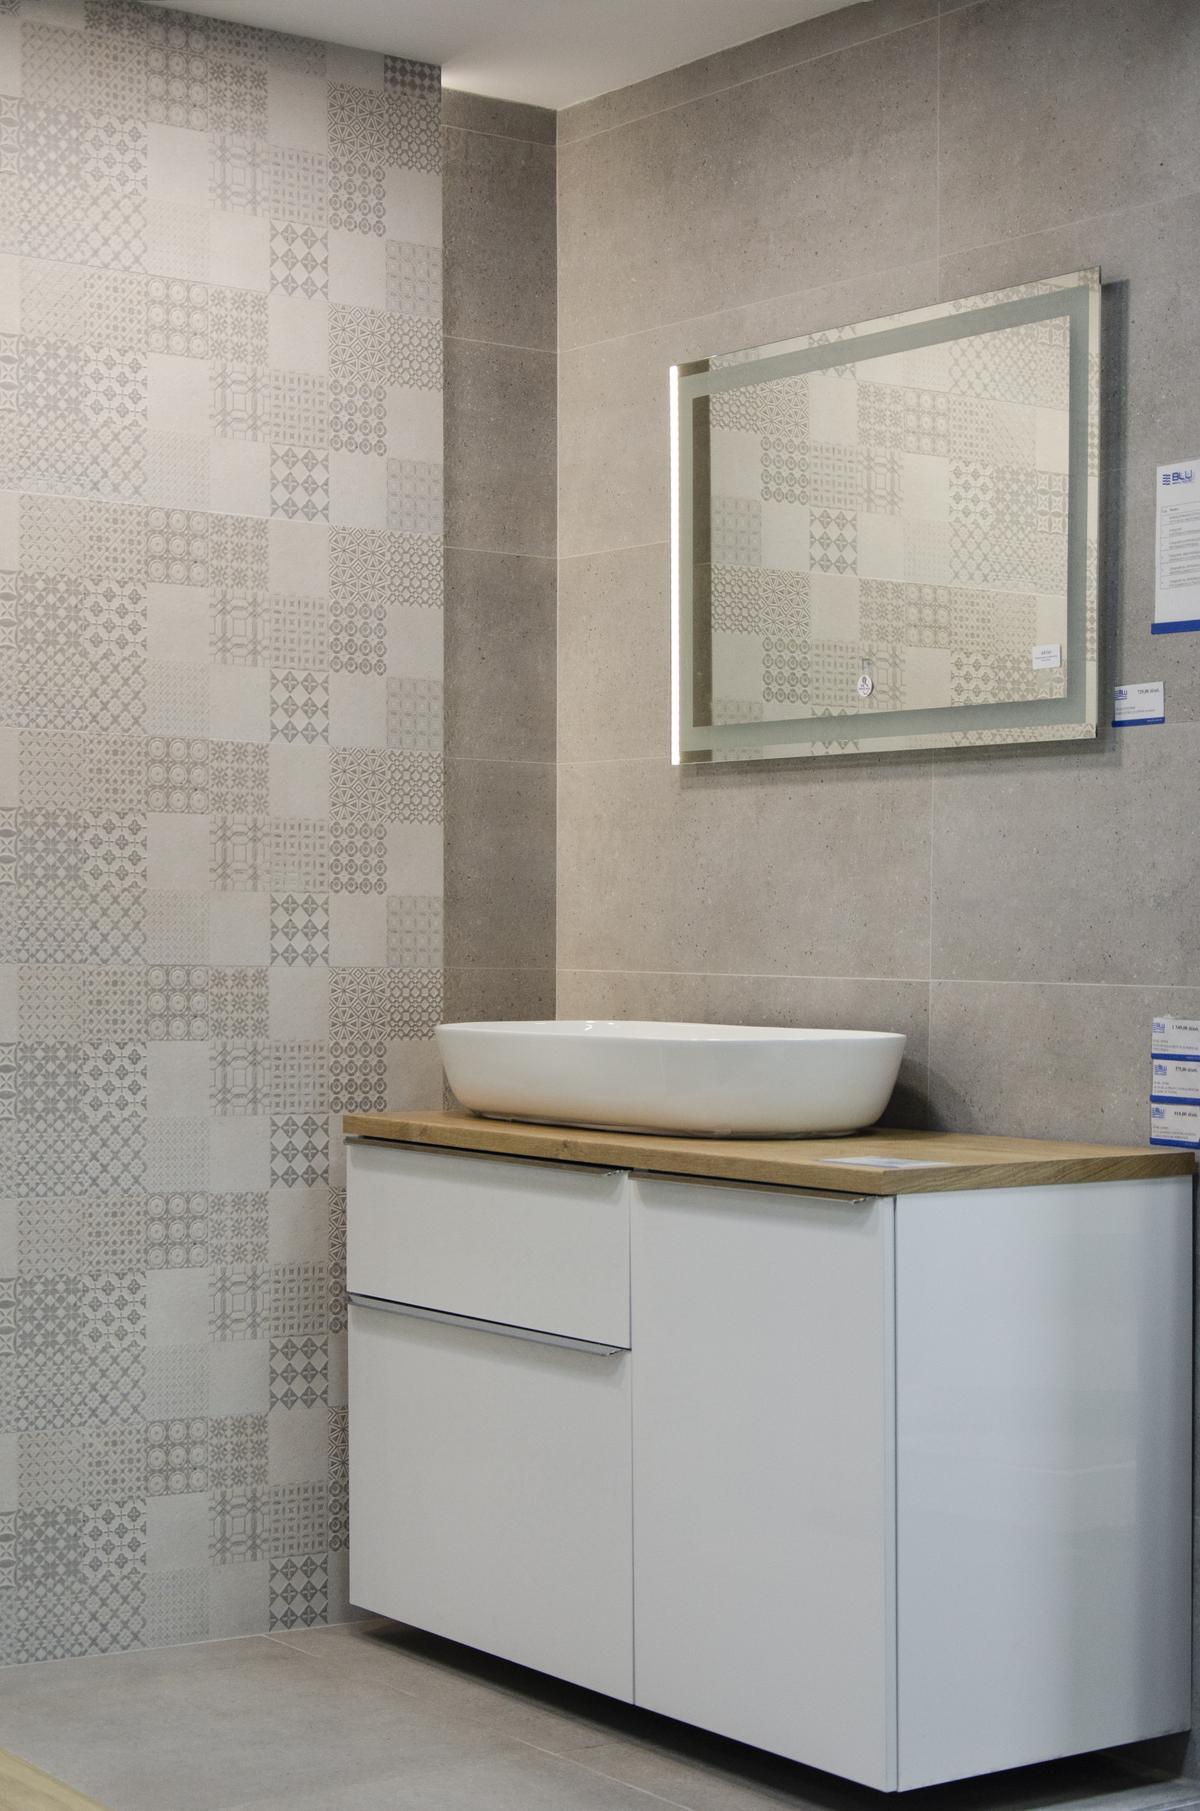 Łazienka w szarościach z patchworkową płytką - zdjęcie od BLU salon łazienek Białystok